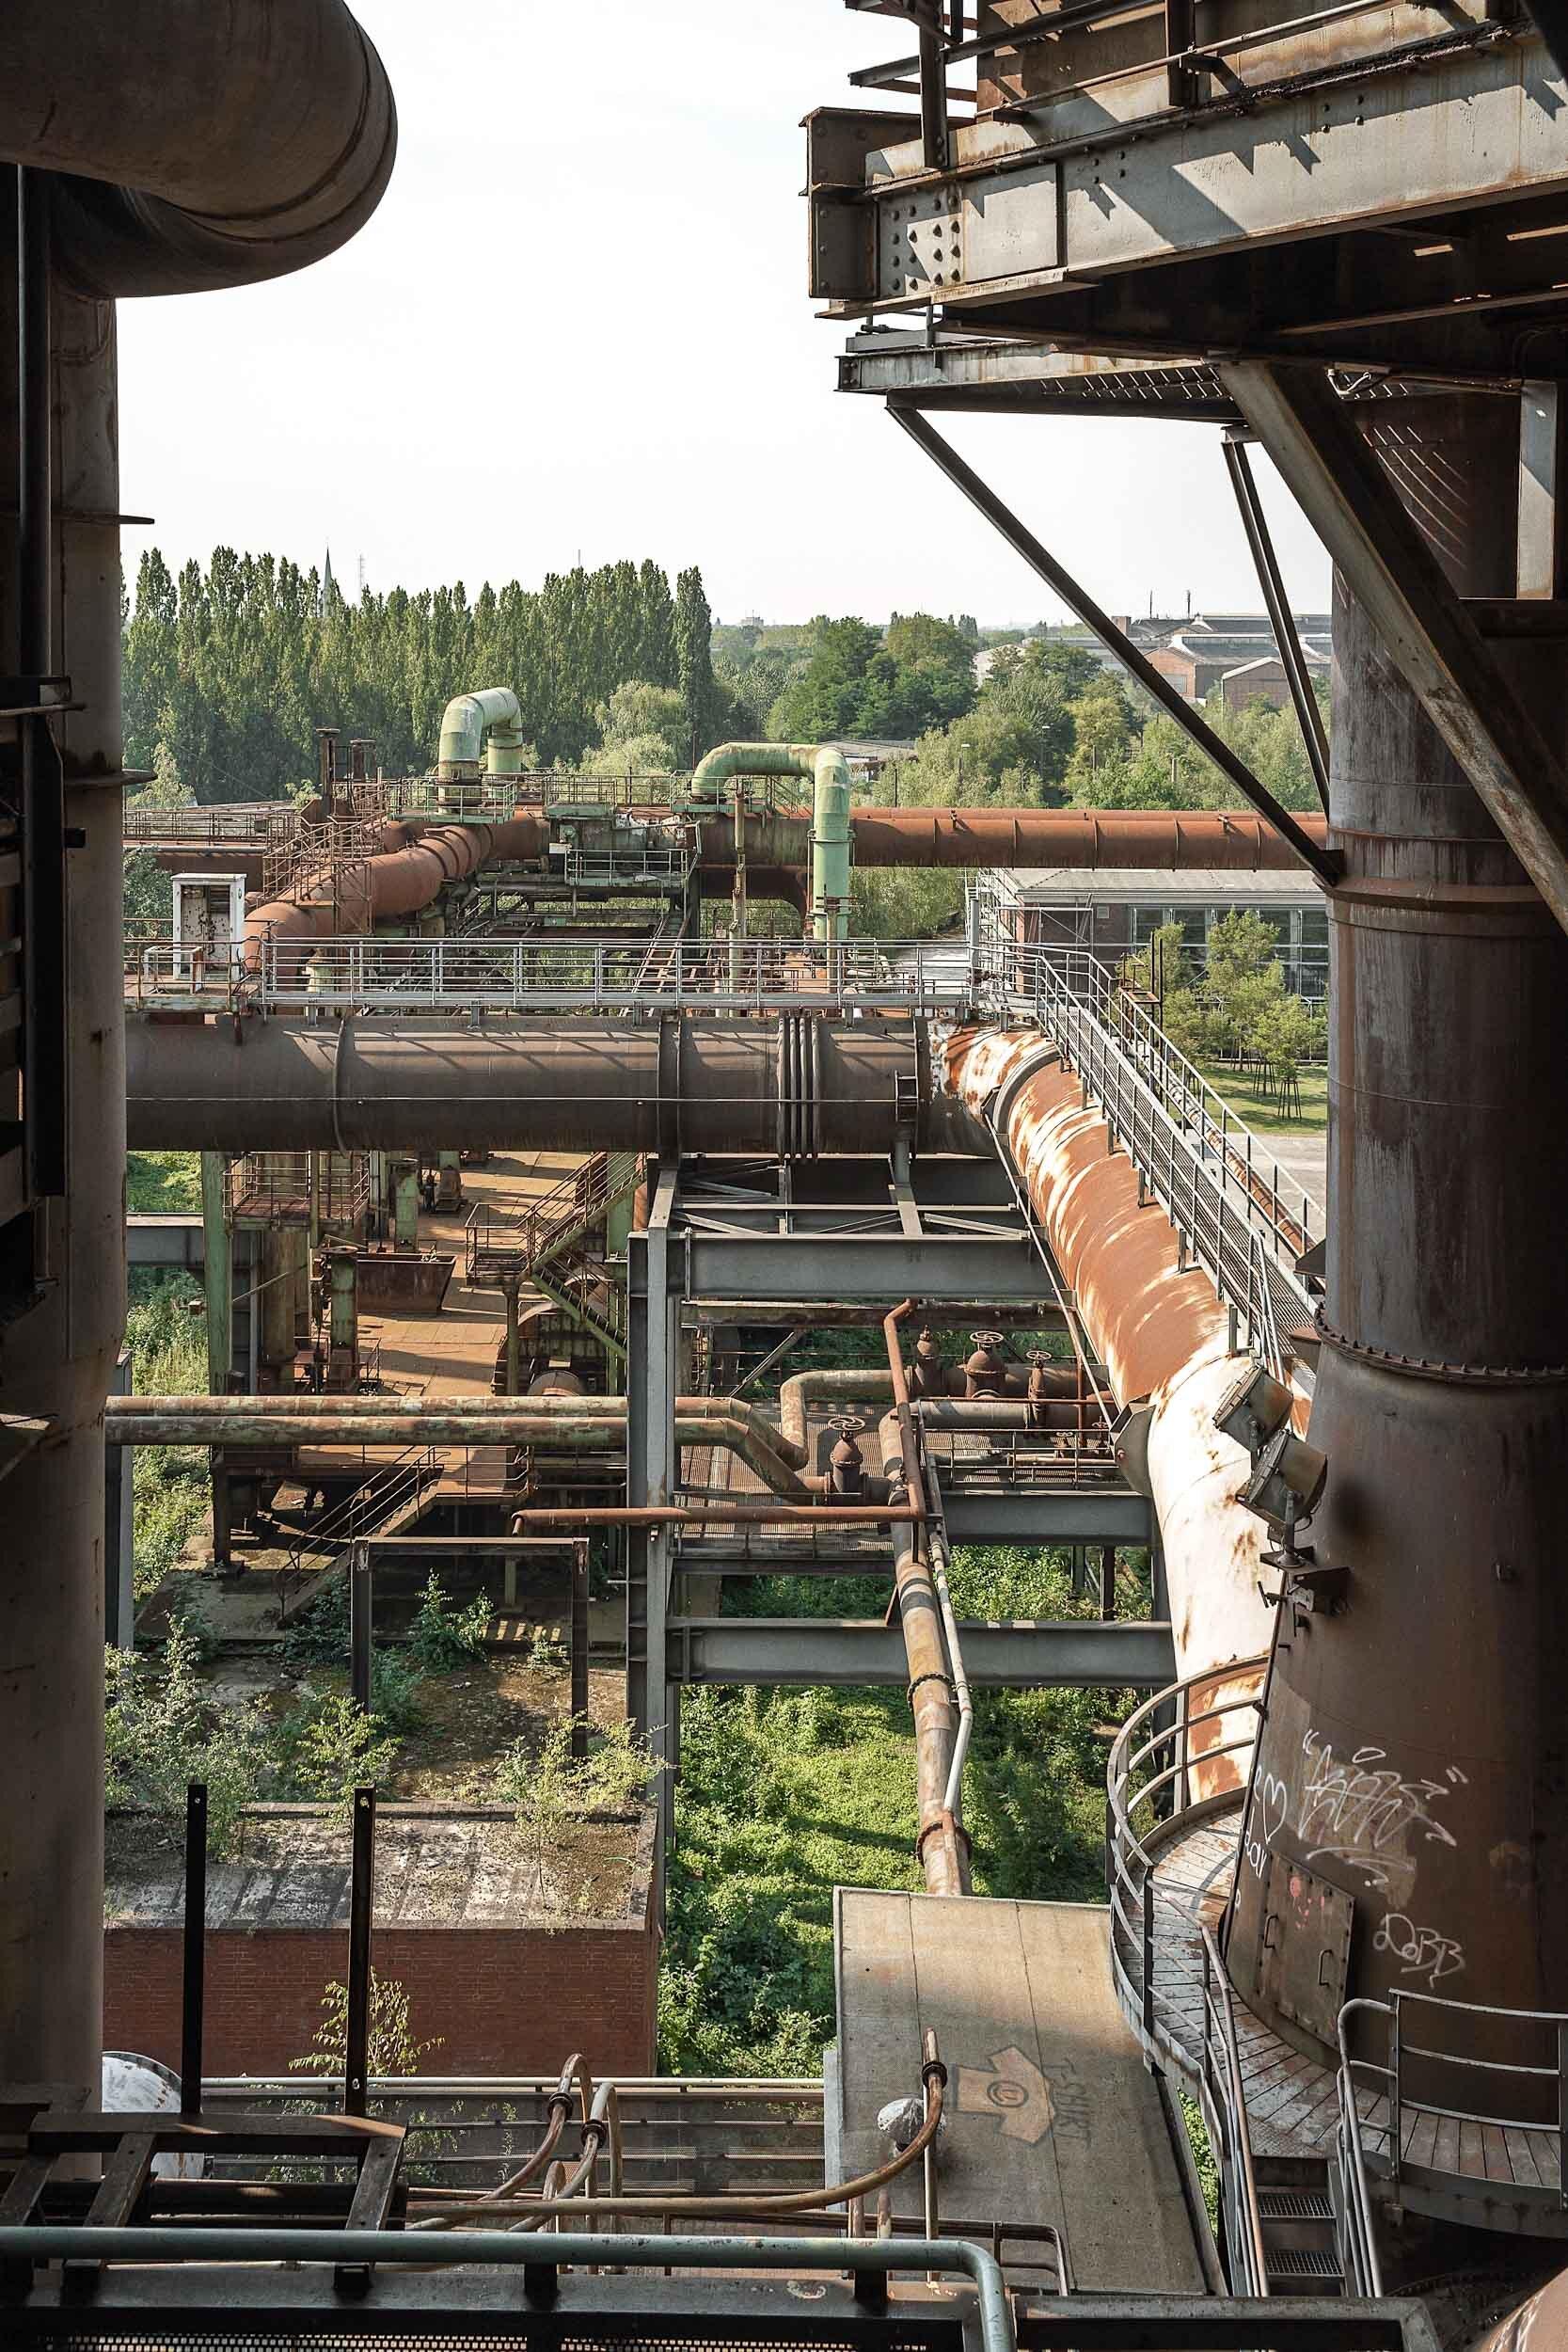 ckanani-german-industrial-region-ruhr-112.jpg